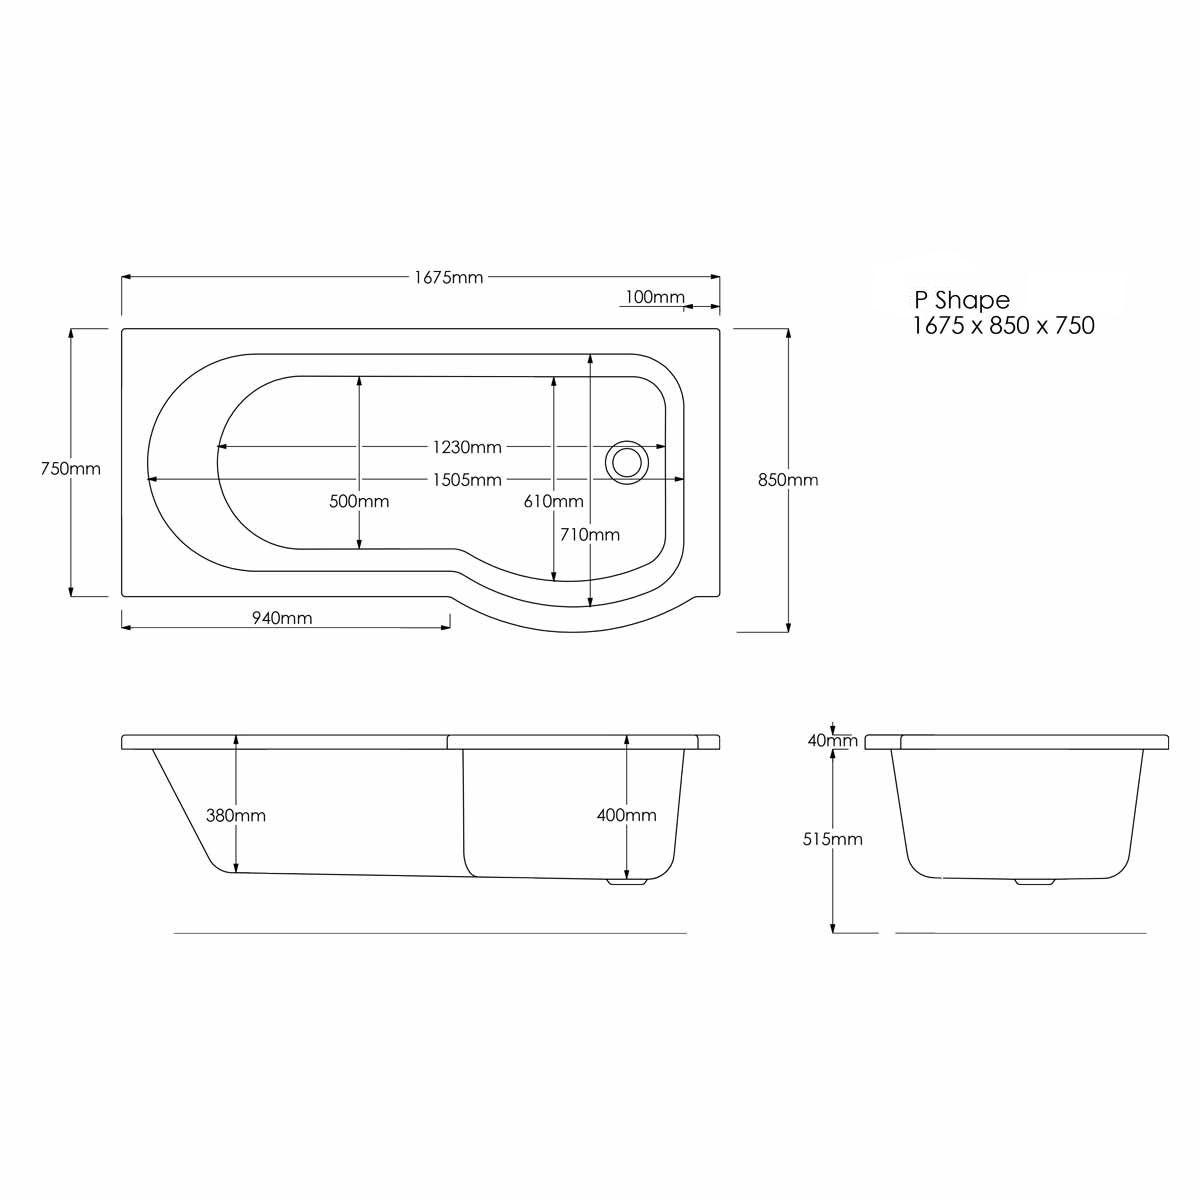 Concert P Shape Shower Bath 1675 x 850 Left Hand Dimensions